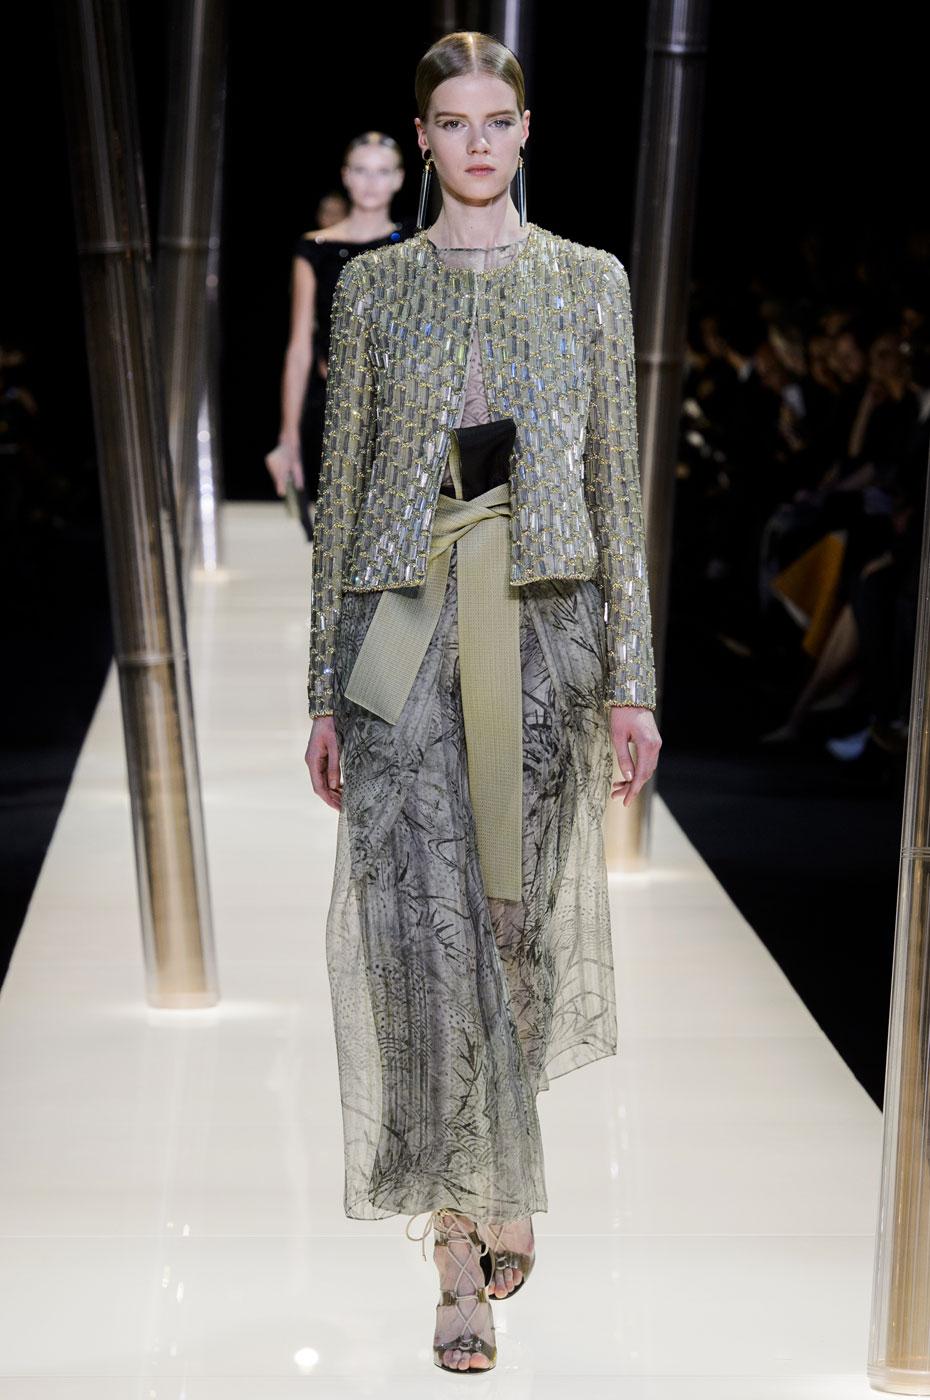 Giorgio-armani-Prive-fashion-runway-show-haute-couture-paris-spring-2015-the-impression-077